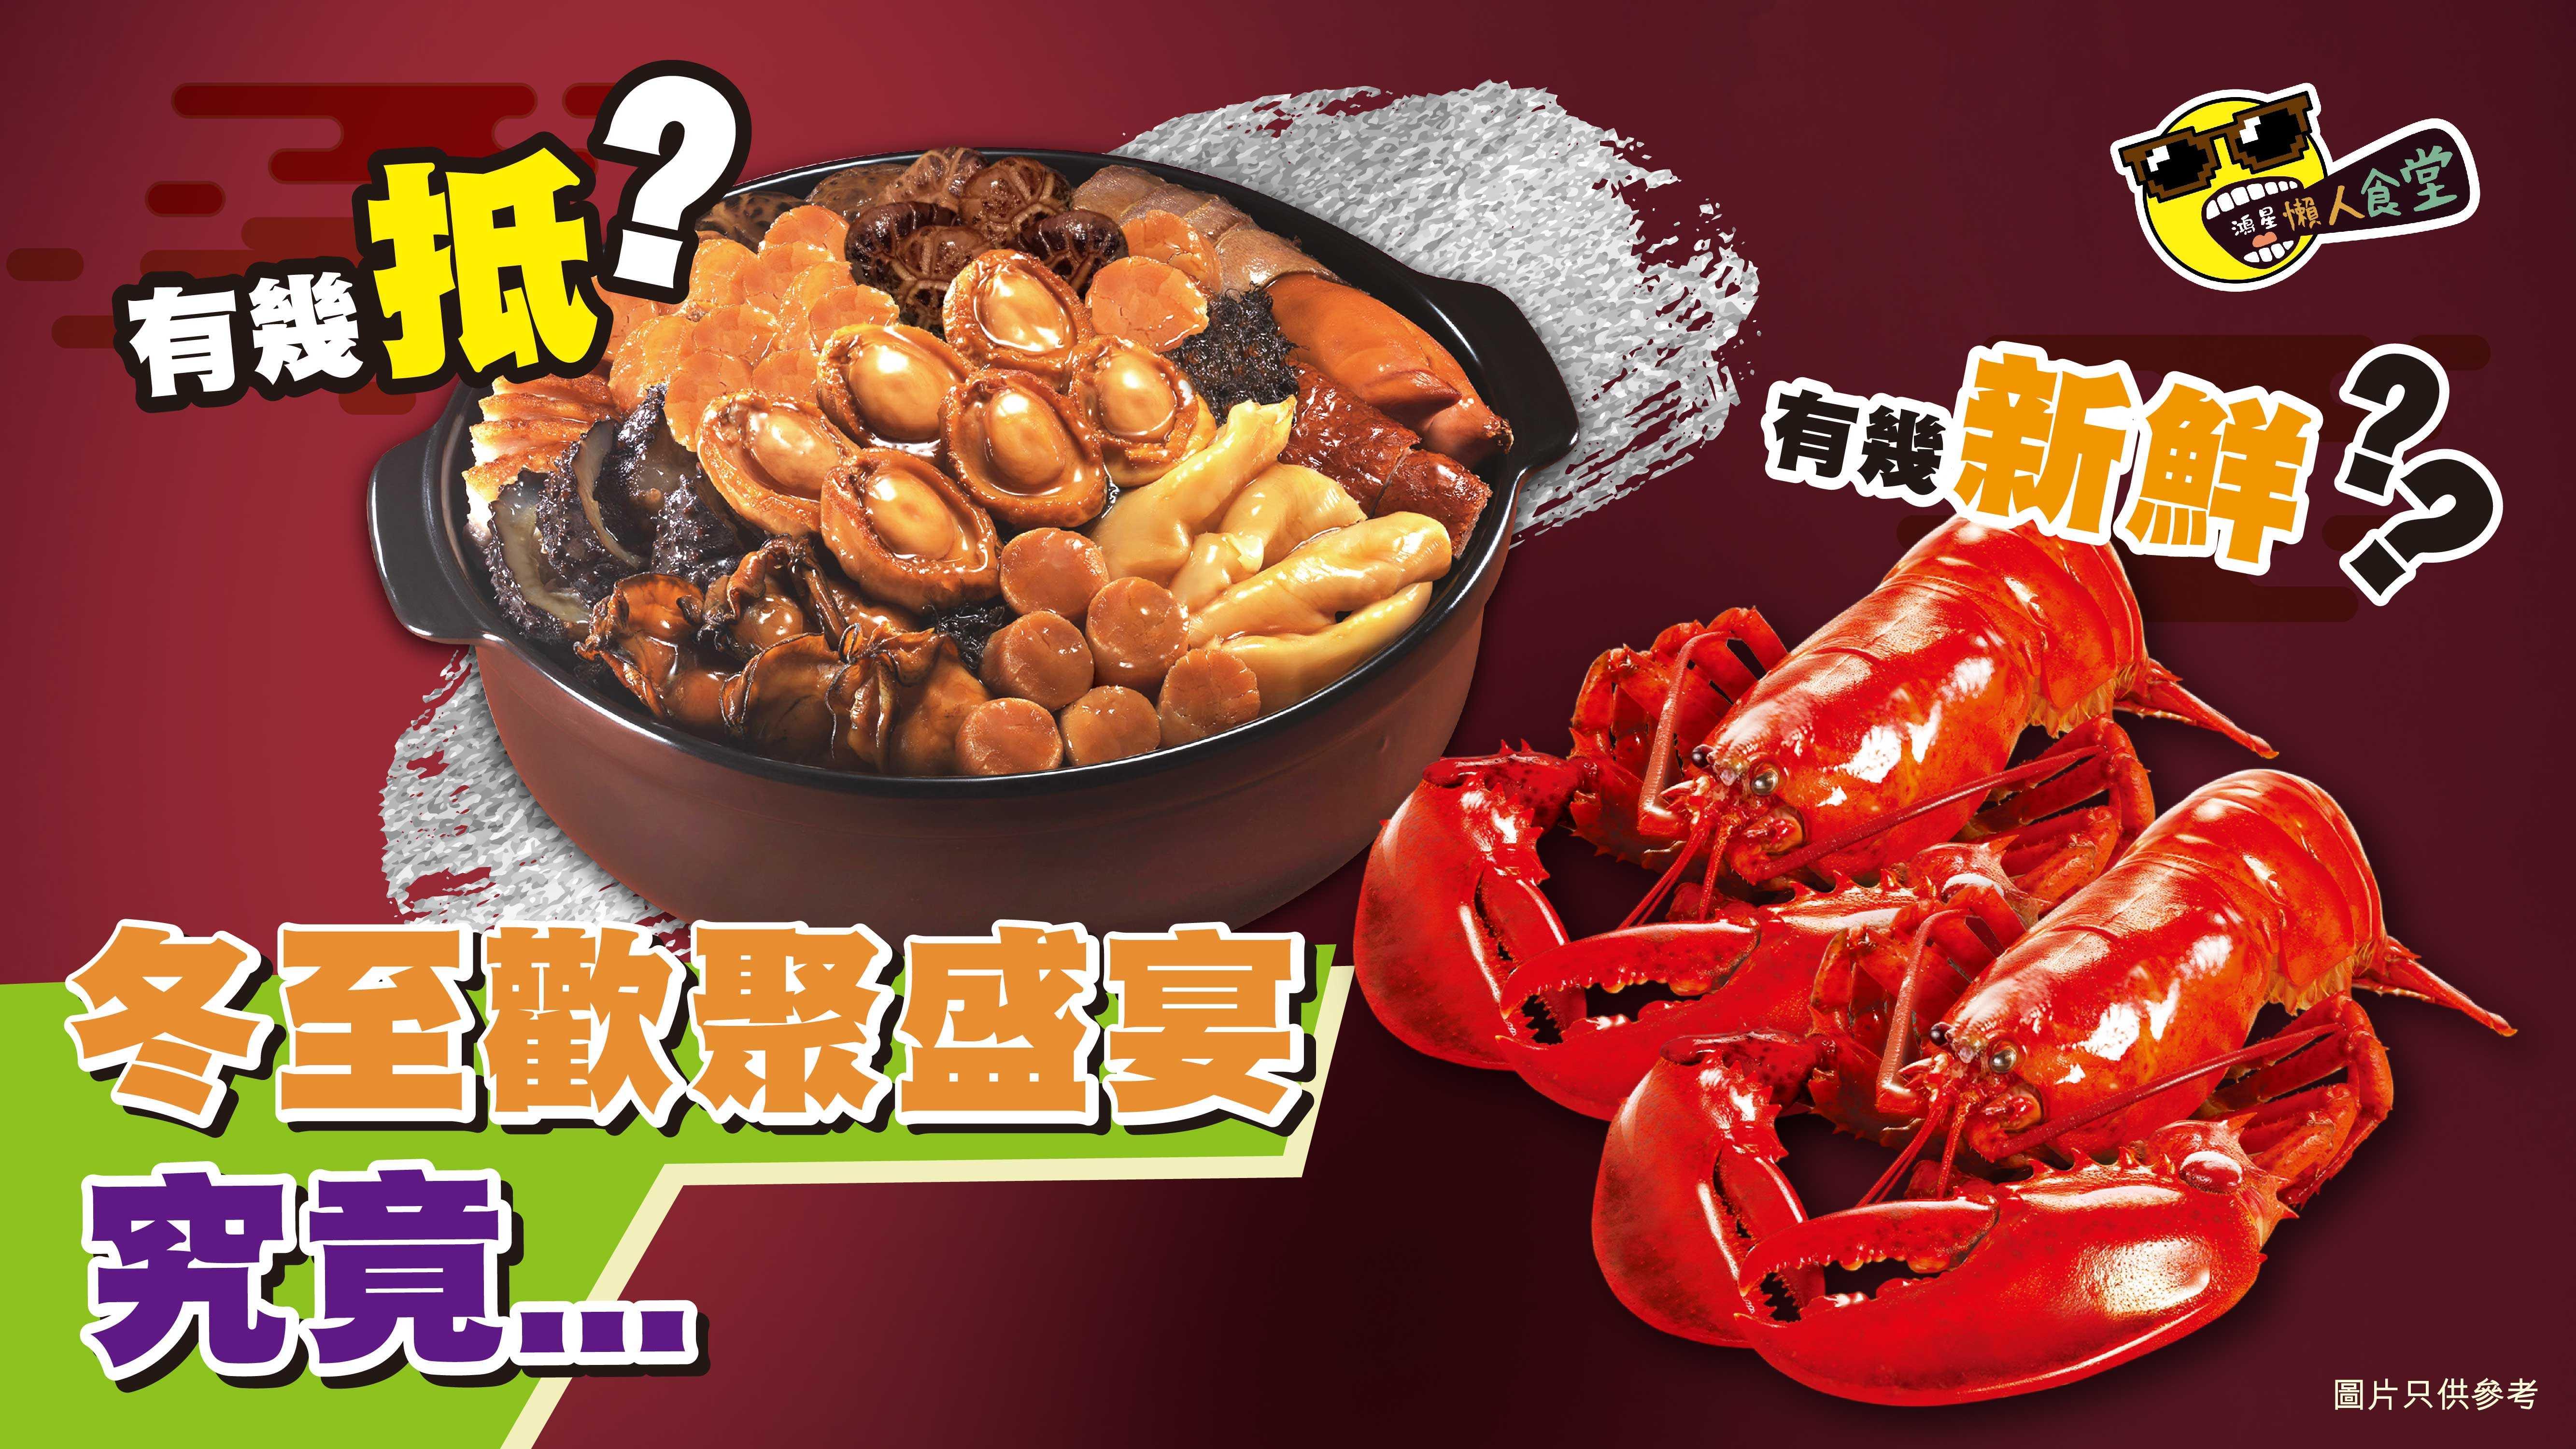 豐盛冬至飯推介!鮑魚盆菜+波士頓龍蝦每日新鮮製作!